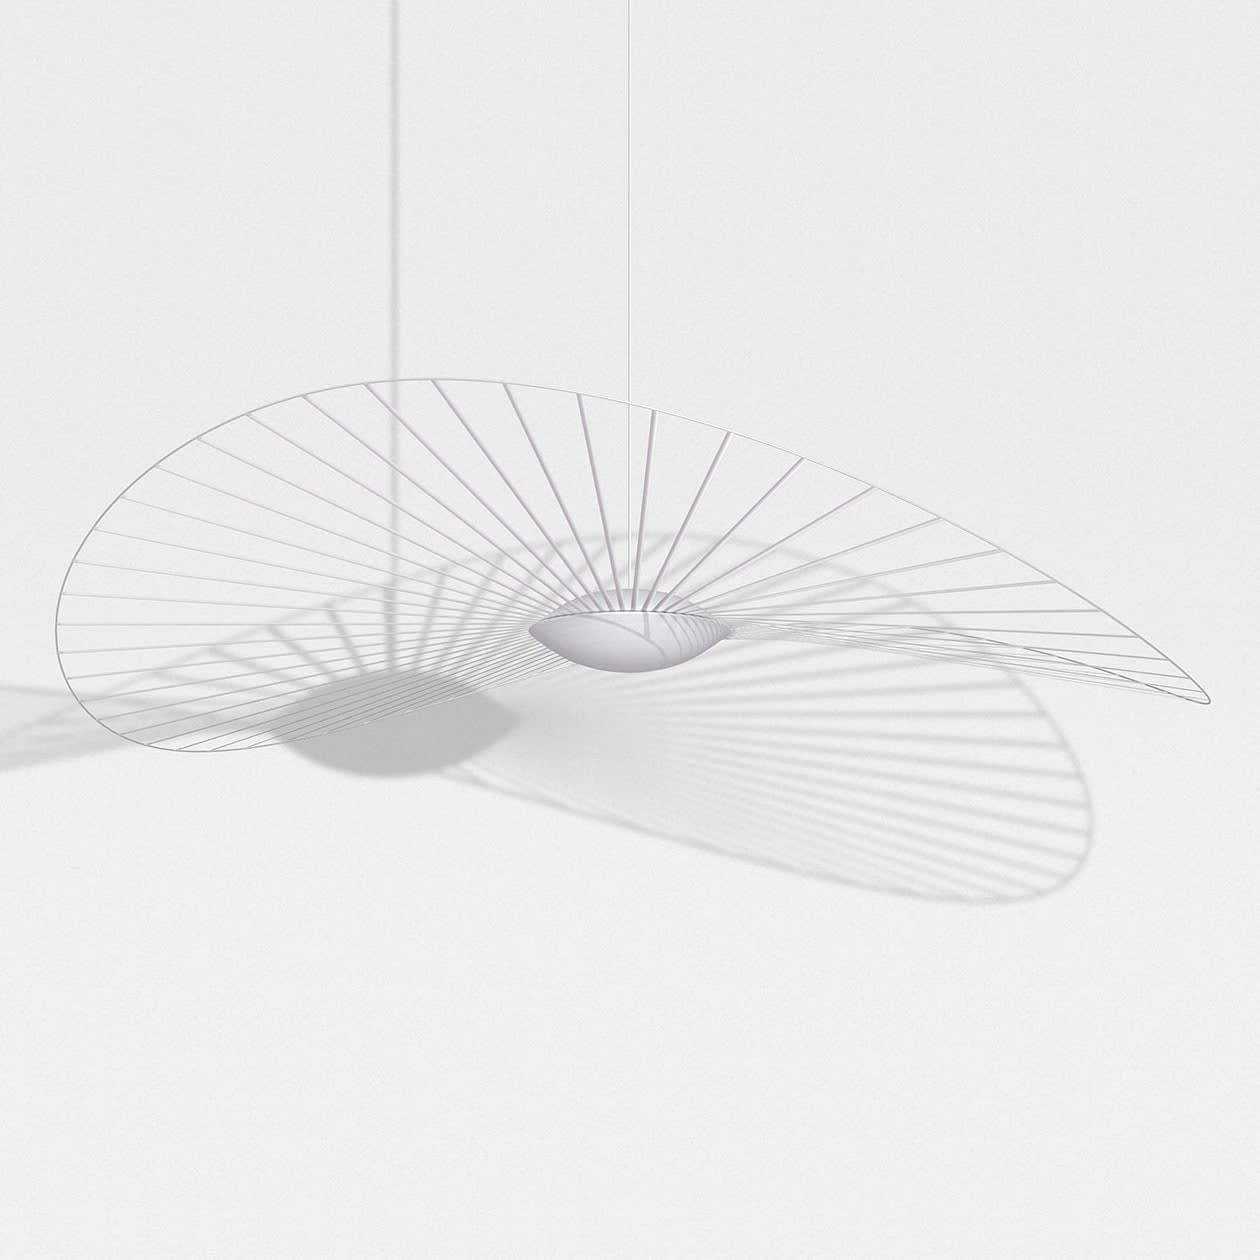 Petite Friture Vertigo Nova Hanglamp Ø 140 cm